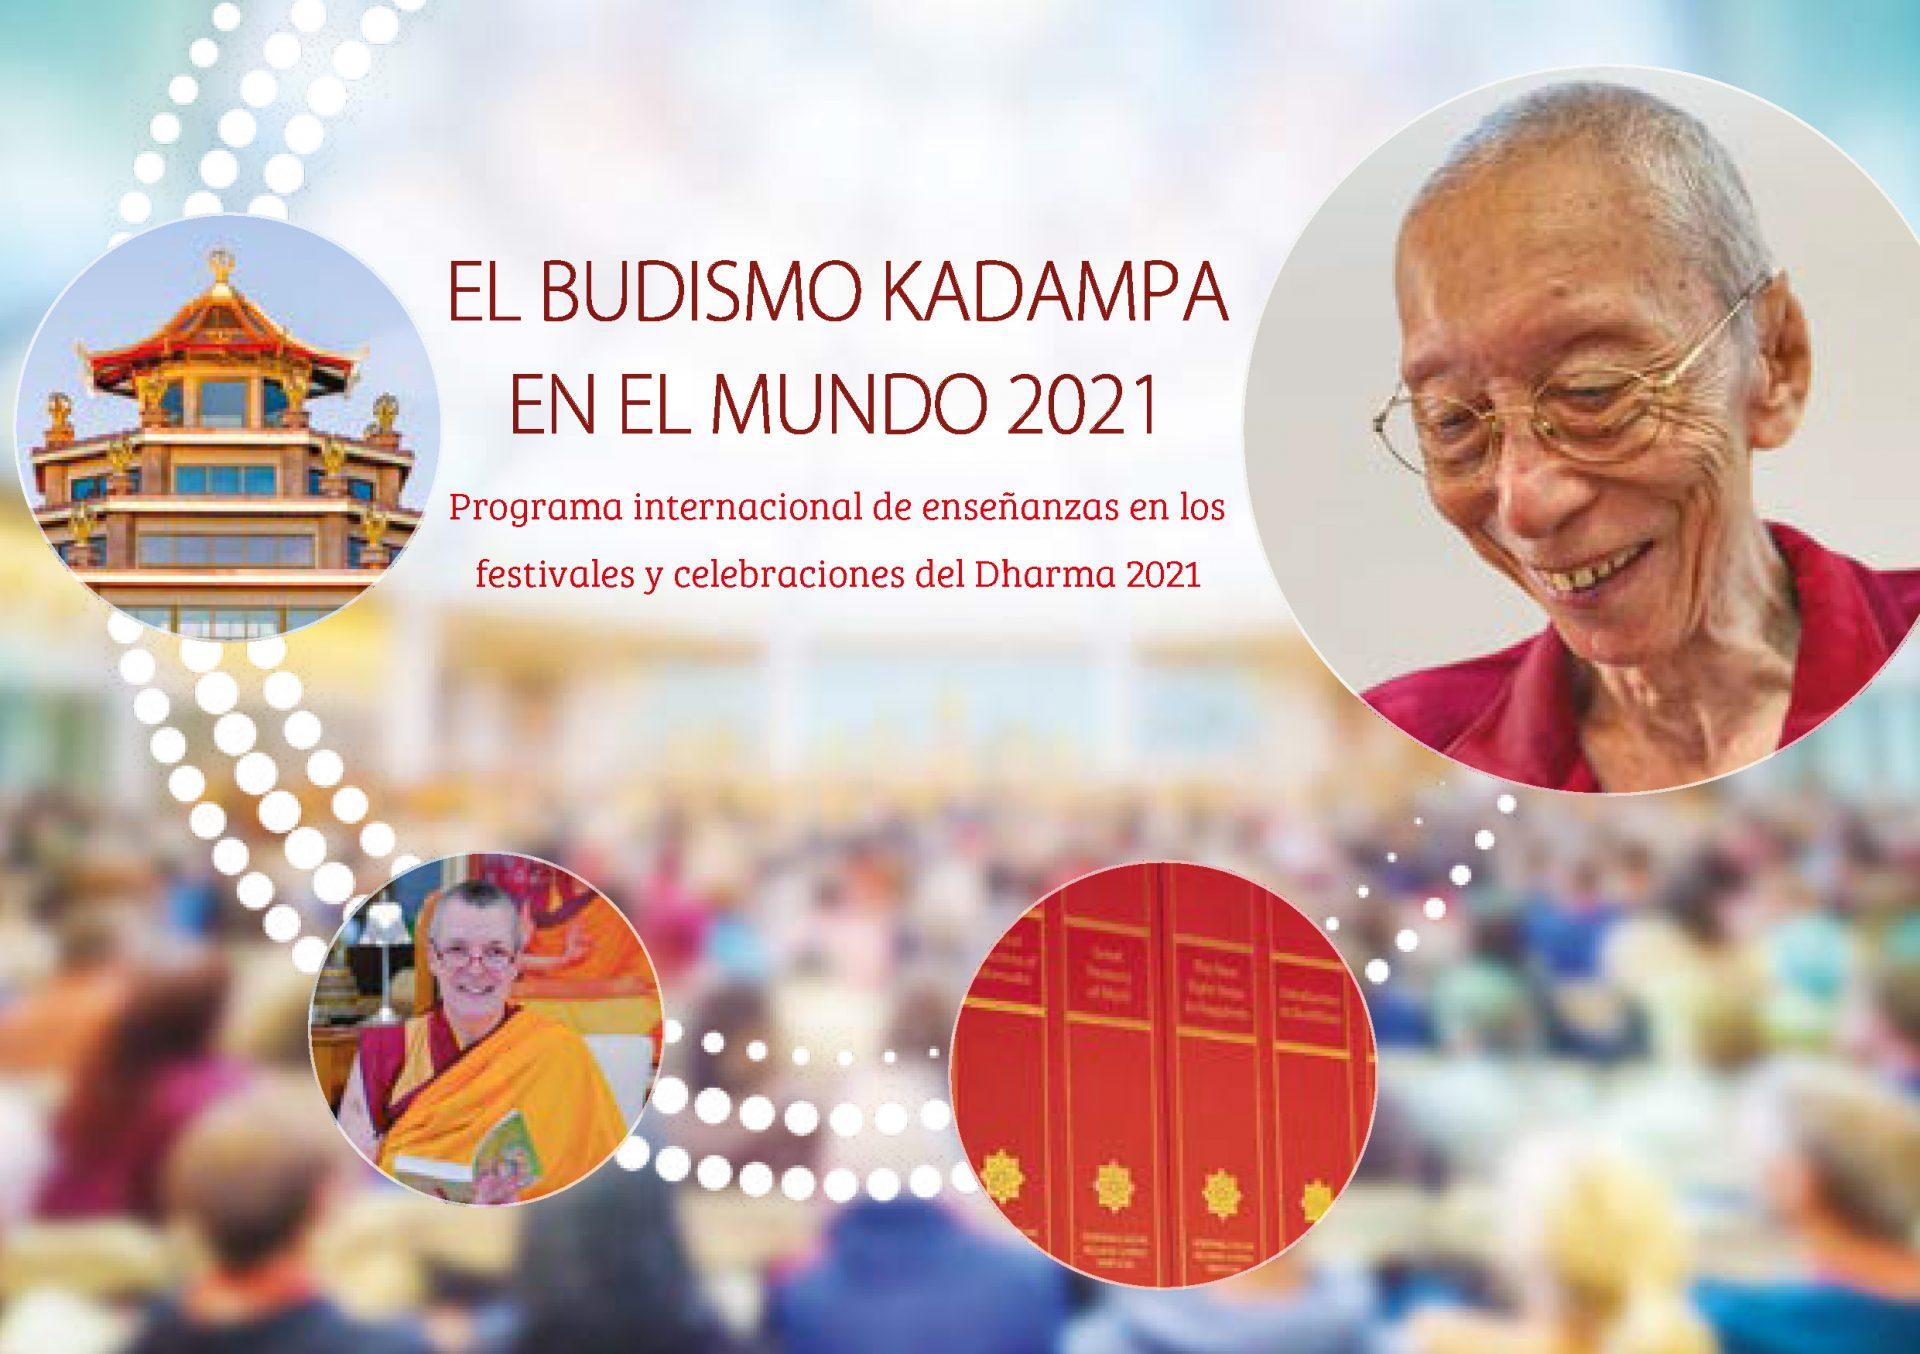 Budismo Kadampa en todo el mundo